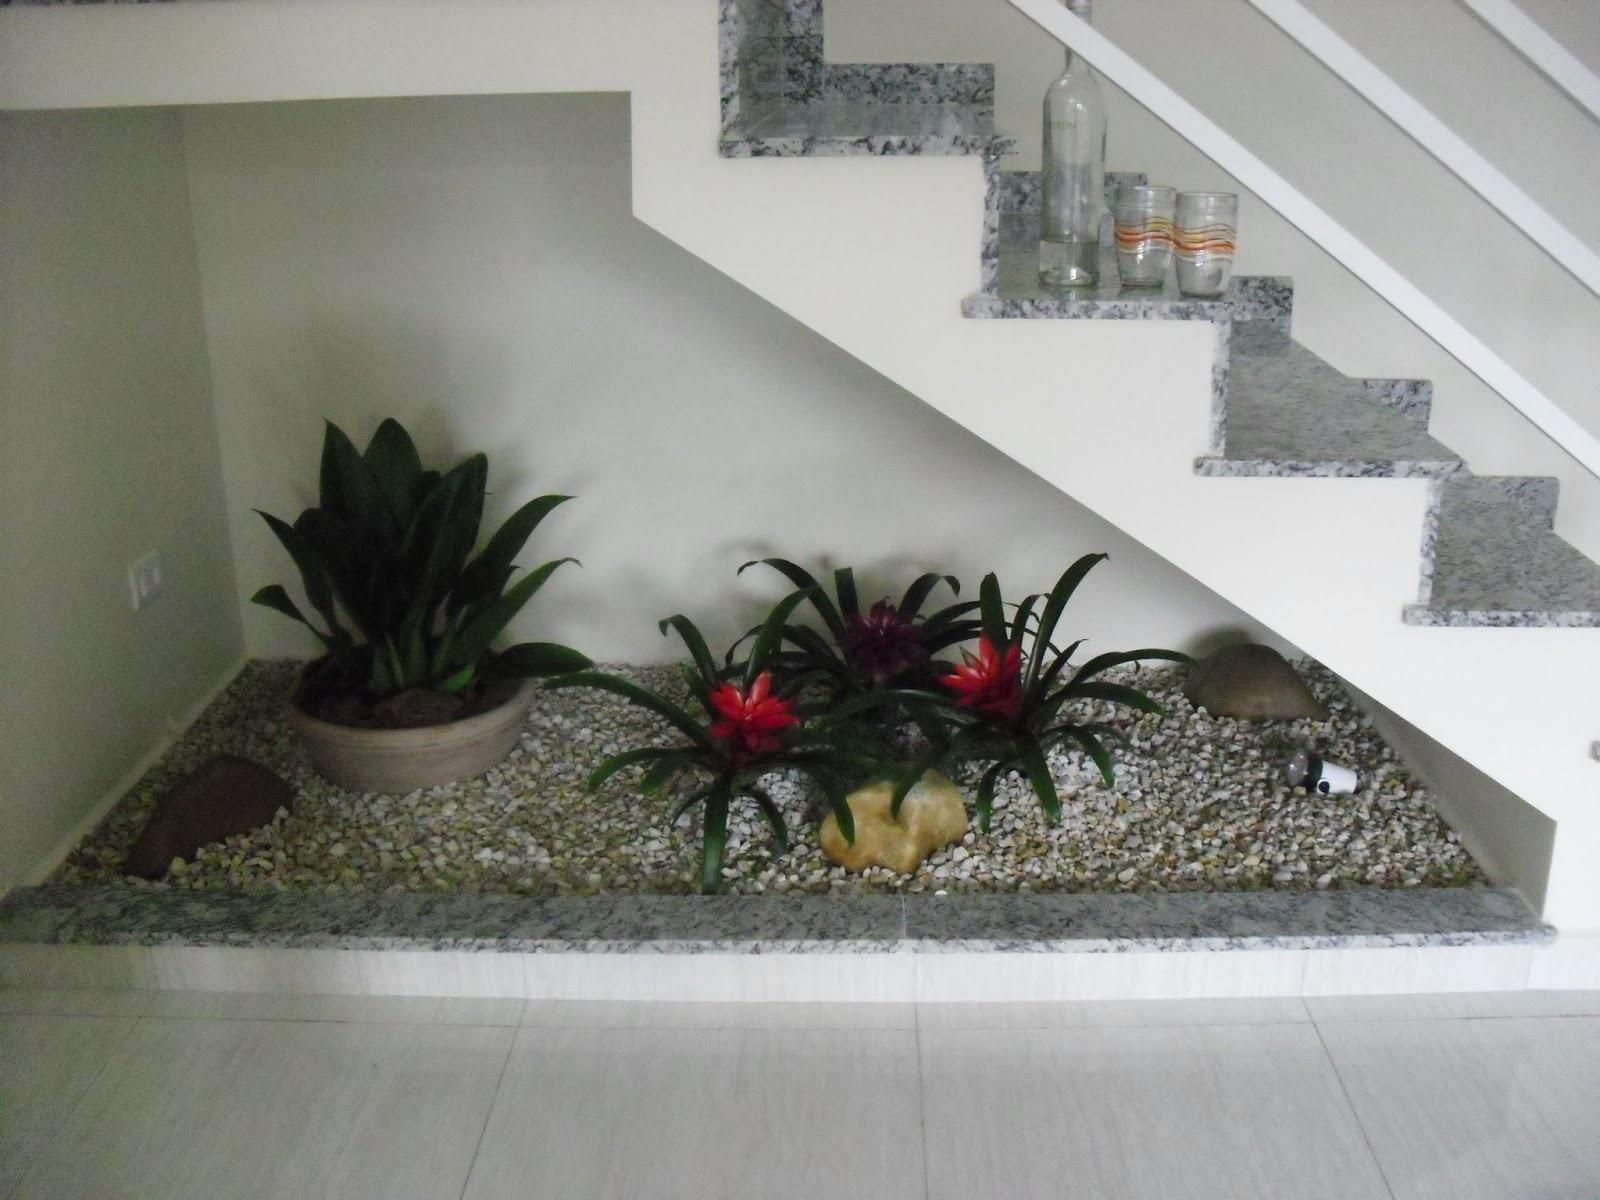 Reforma do meu sobrado: Jardim embaixo da escada #643F38 1600 1200